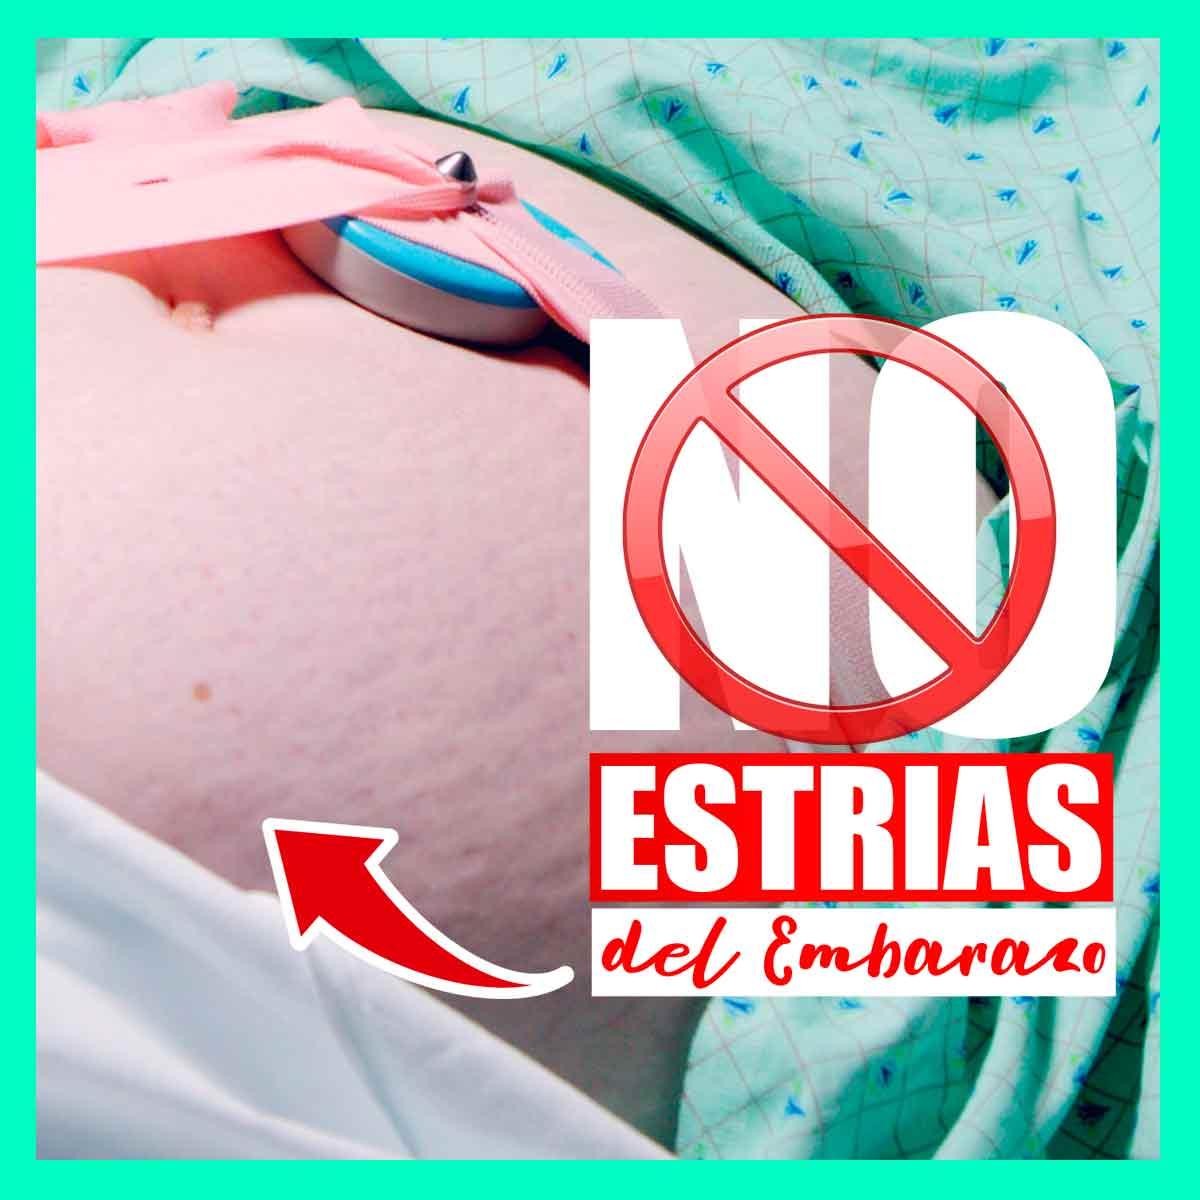 como-evitar-las-estrías-en-la-barriga-durante-embarazo